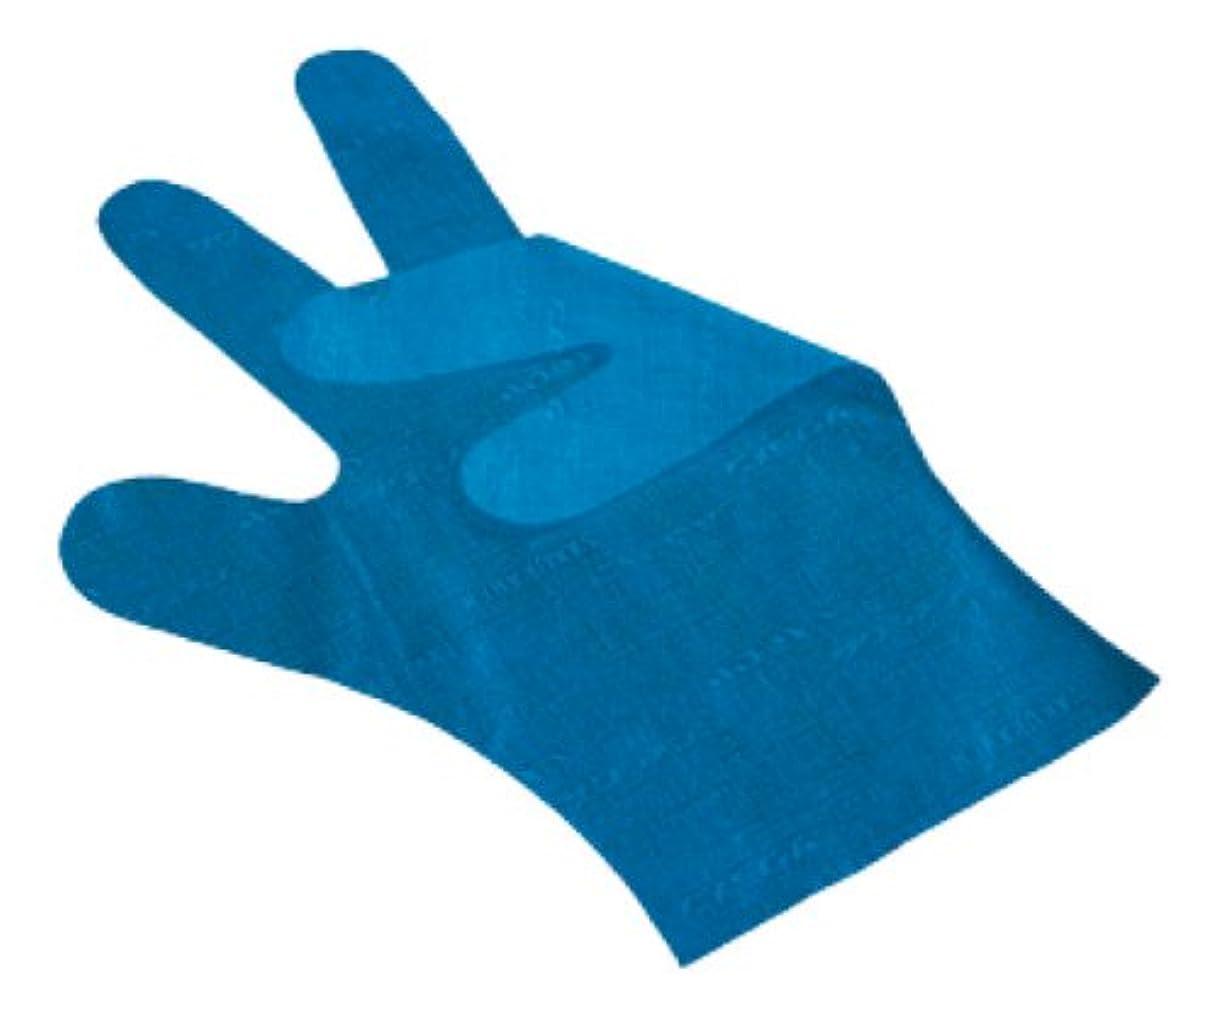 バイナリ誰の維持サクラメン手袋 デラックス(100枚入)S ブルー 35μ